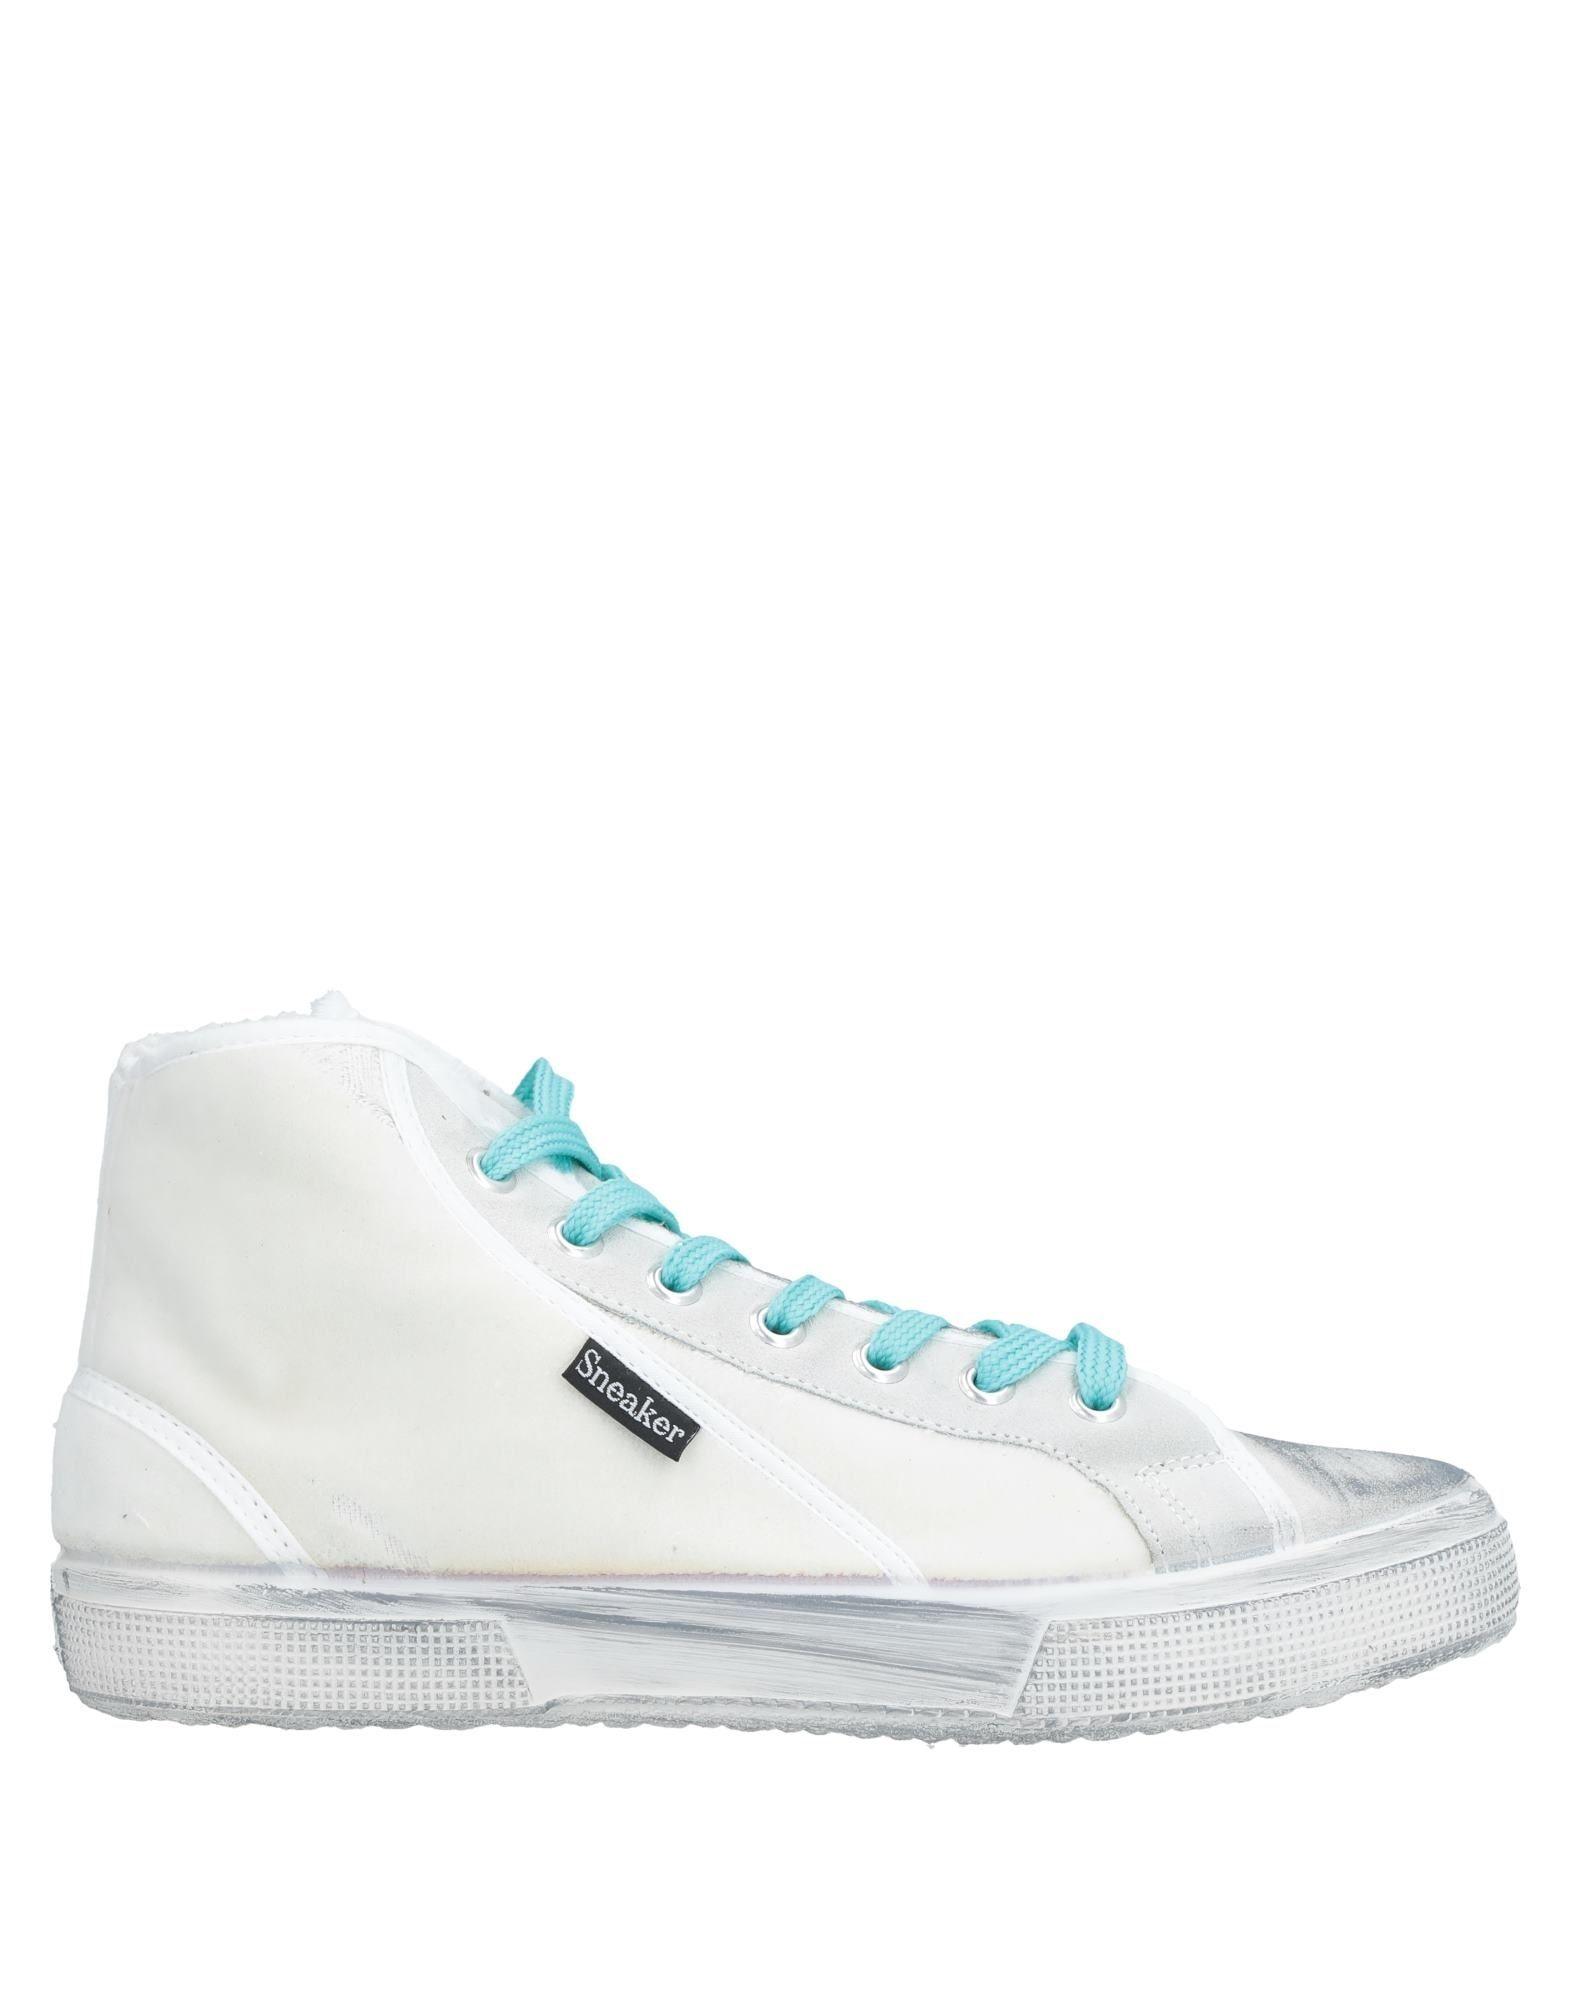 SNEEKY SNEAKER Высокие кеды и кроссовки кроссовки высокие ecco intrinsic sneaker